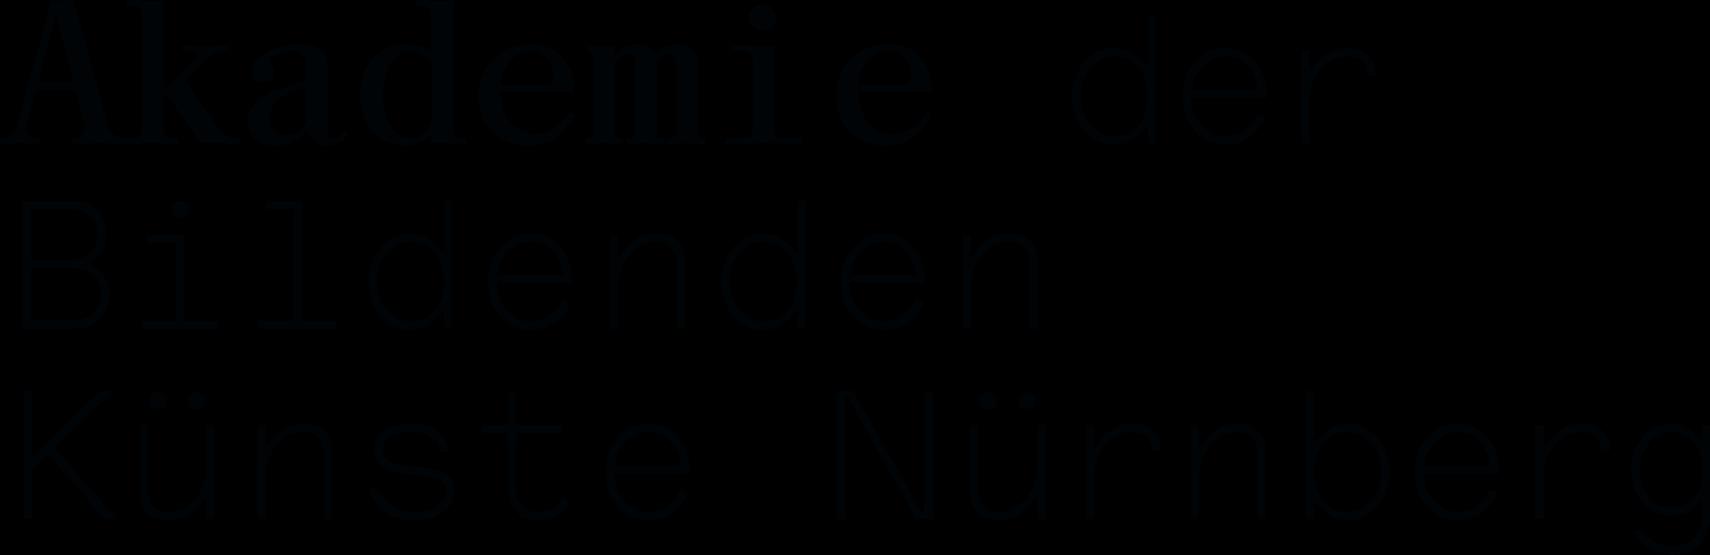 Projektmitarbeiter (m/w/d)  - Akademie der Bildenden Künste Nürnberg - Logo